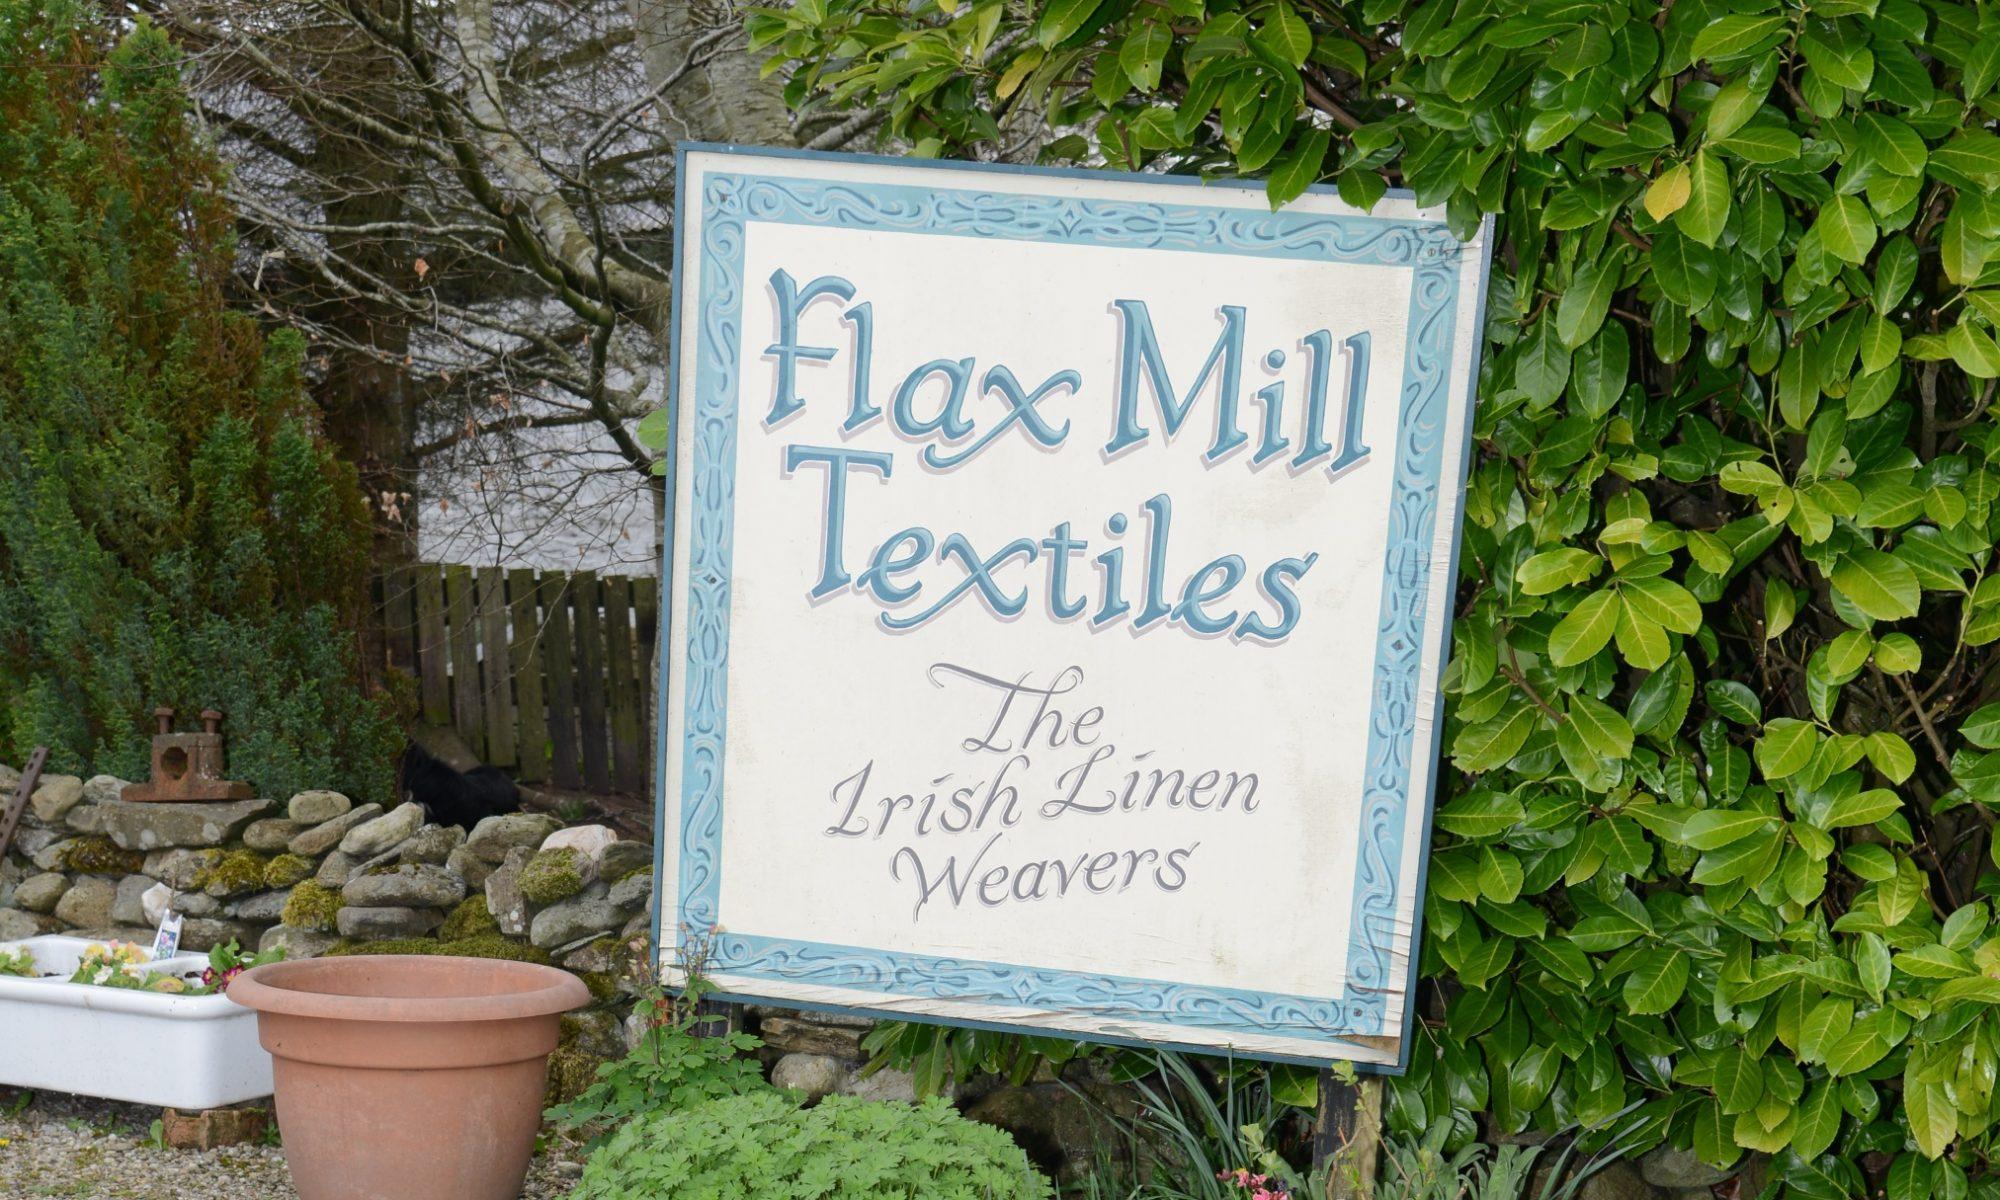 Flax Mill Textiles